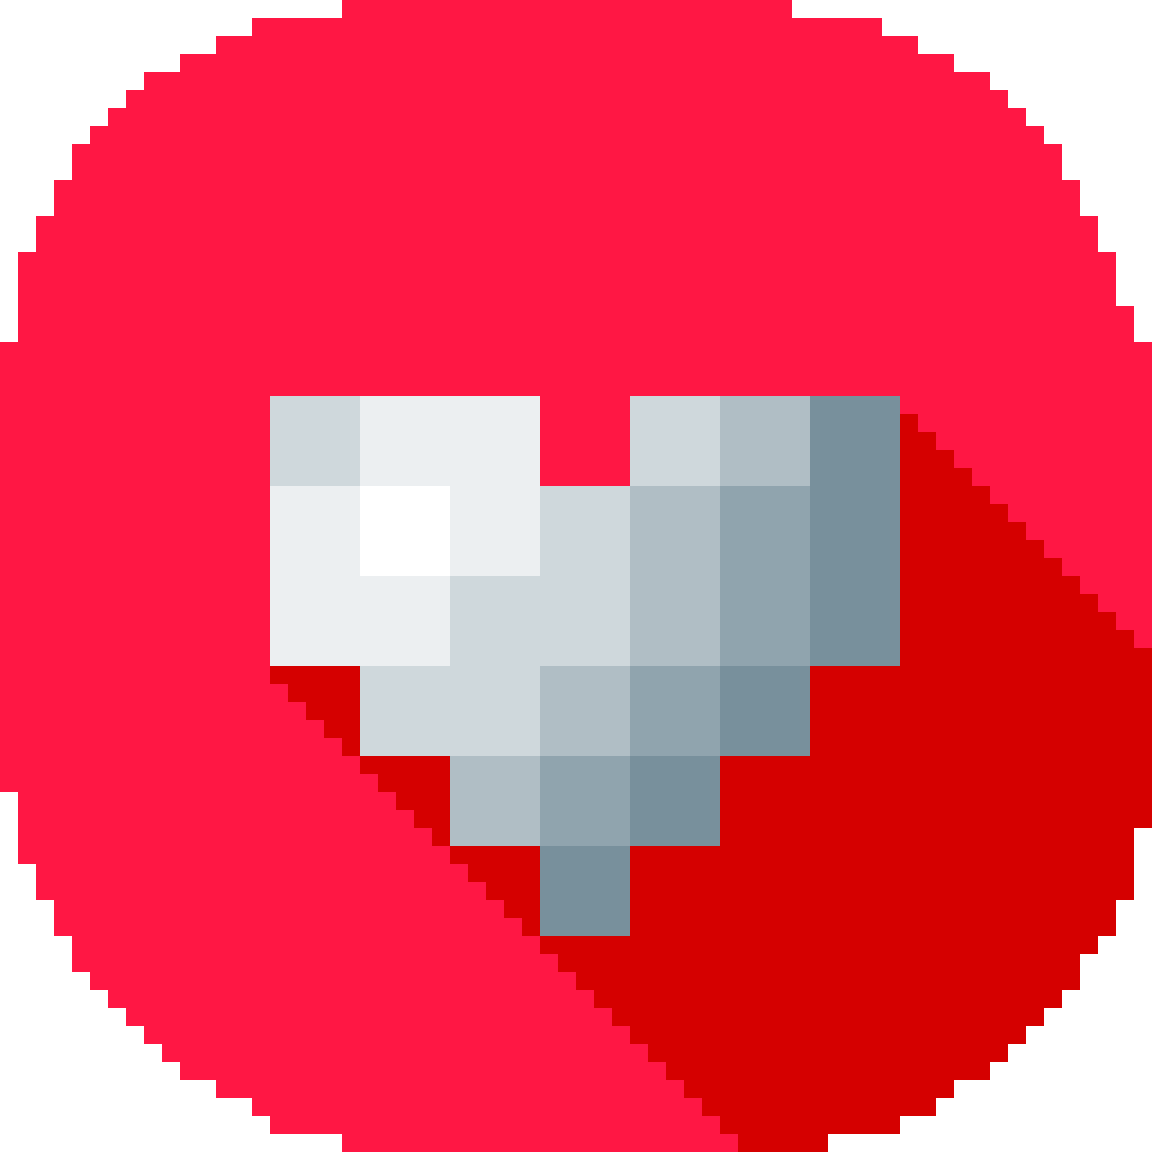 Pixilart Logo by Wingfeather